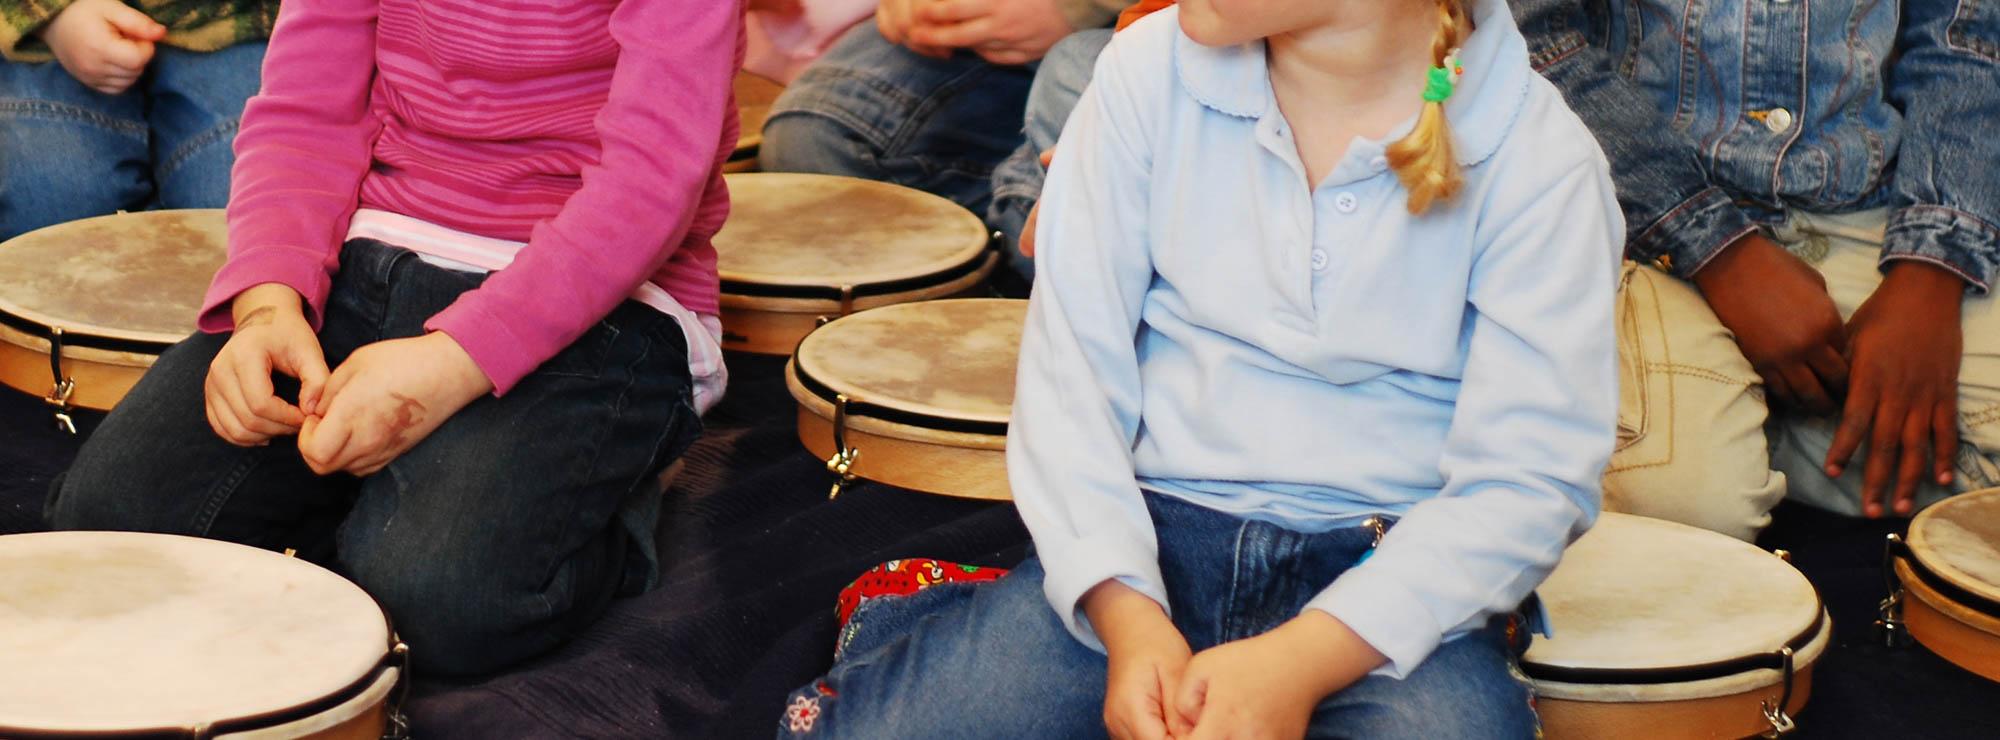 musikschule-frueherziehung5-25